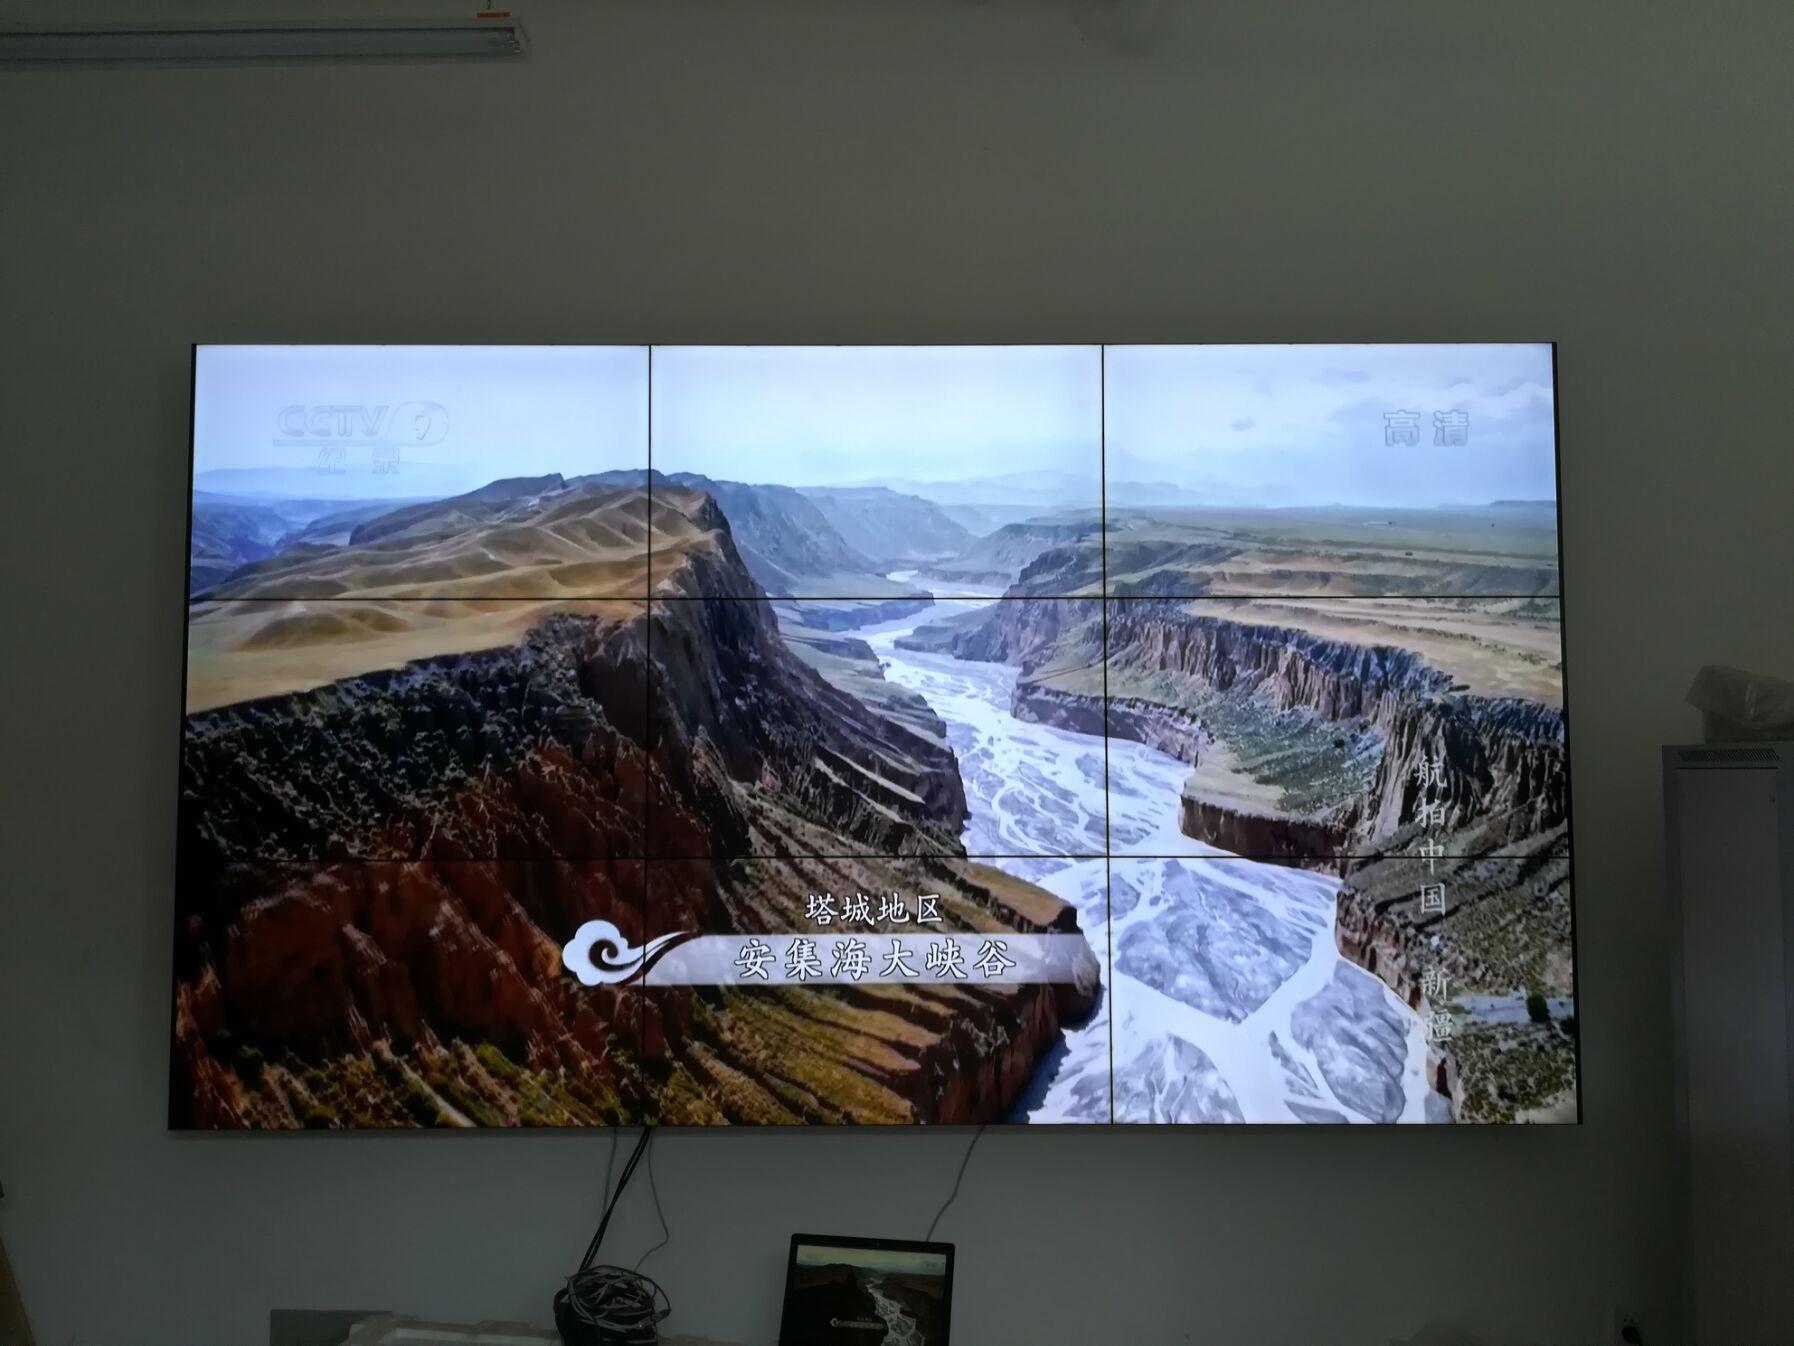 湖南邵阳桃花体育中心55寸3.5mm液晶拼接屏图片